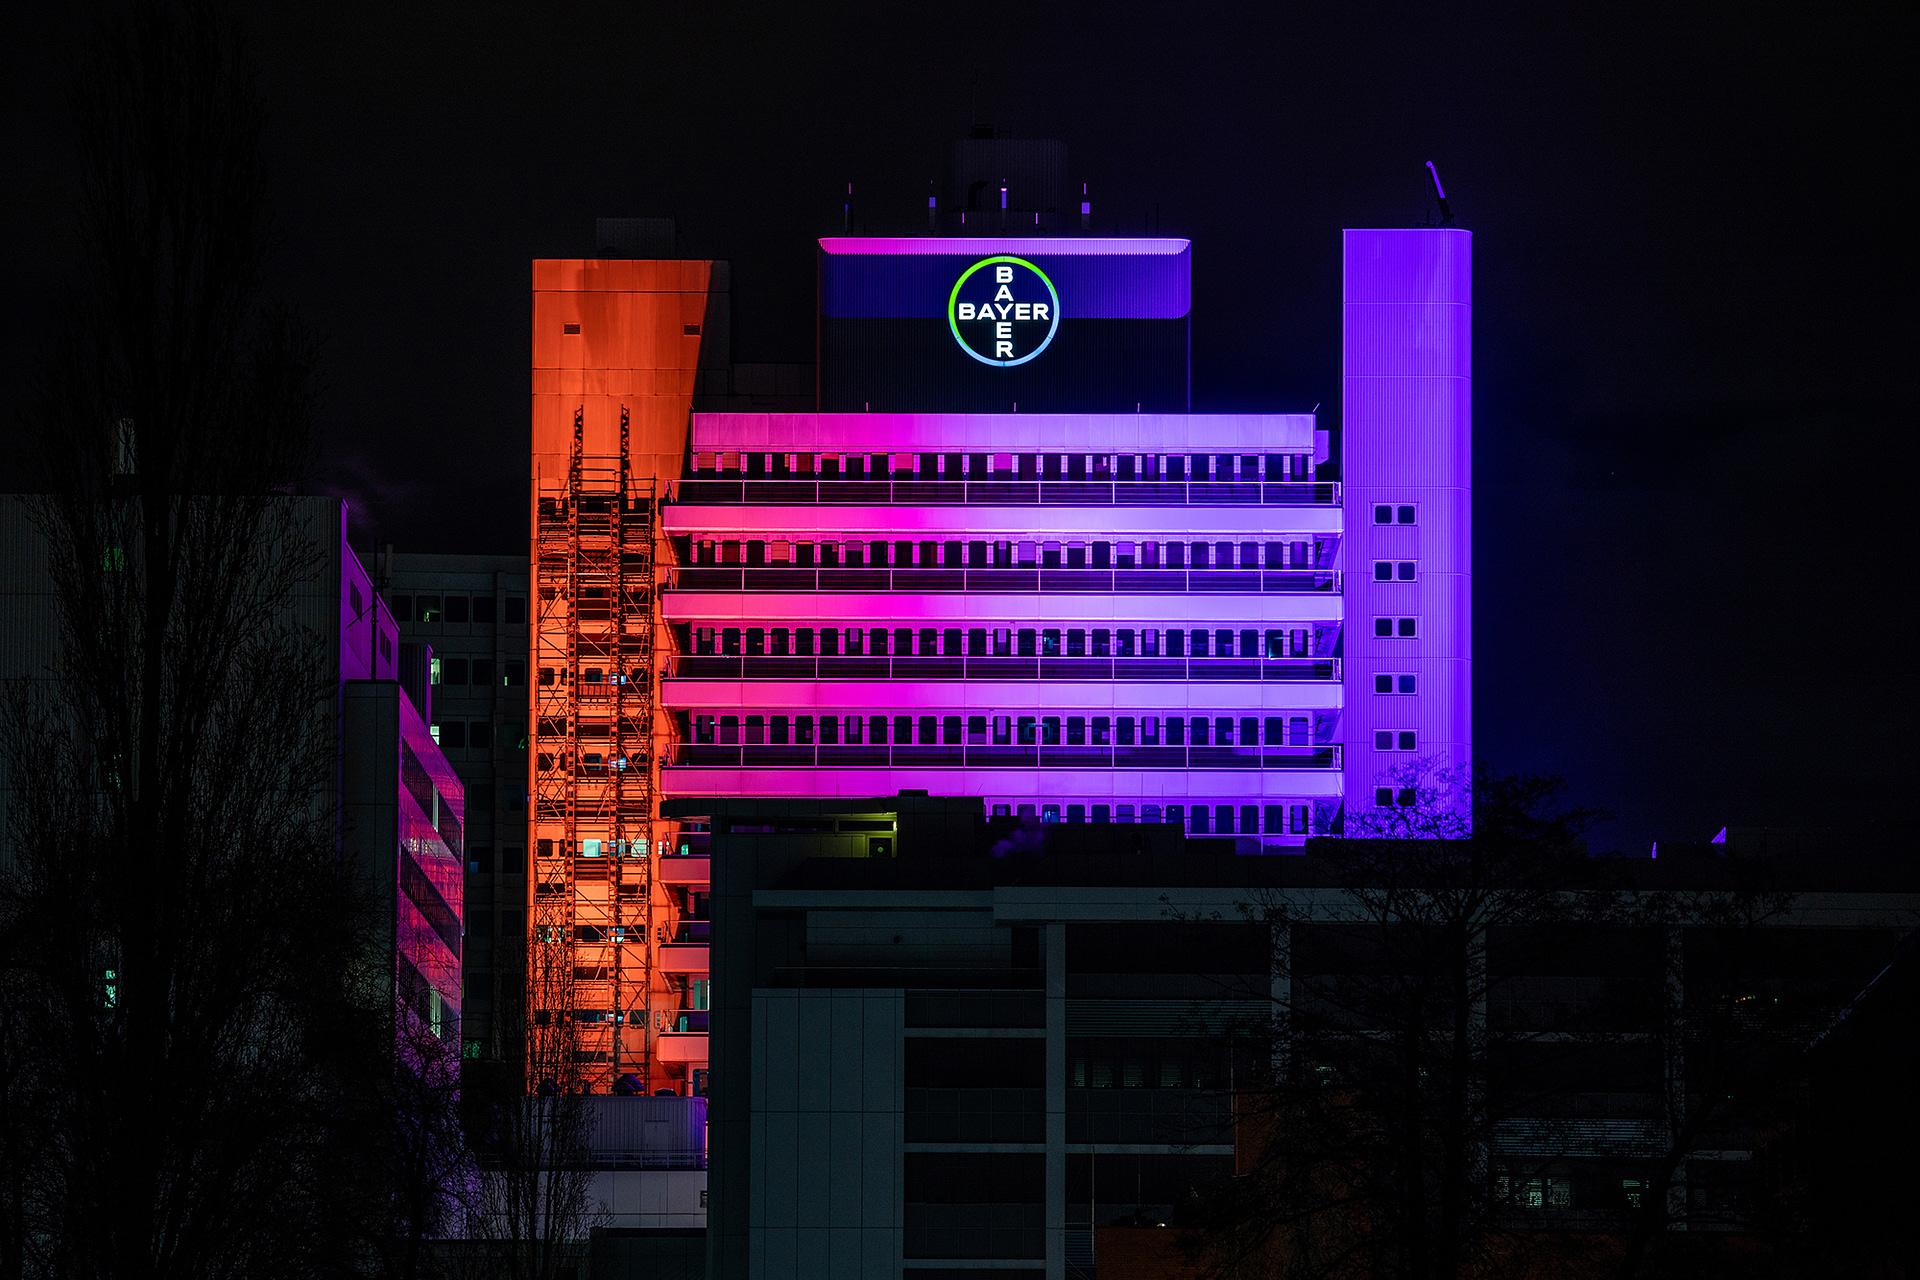 Bayer HQ, Berlin, Germany